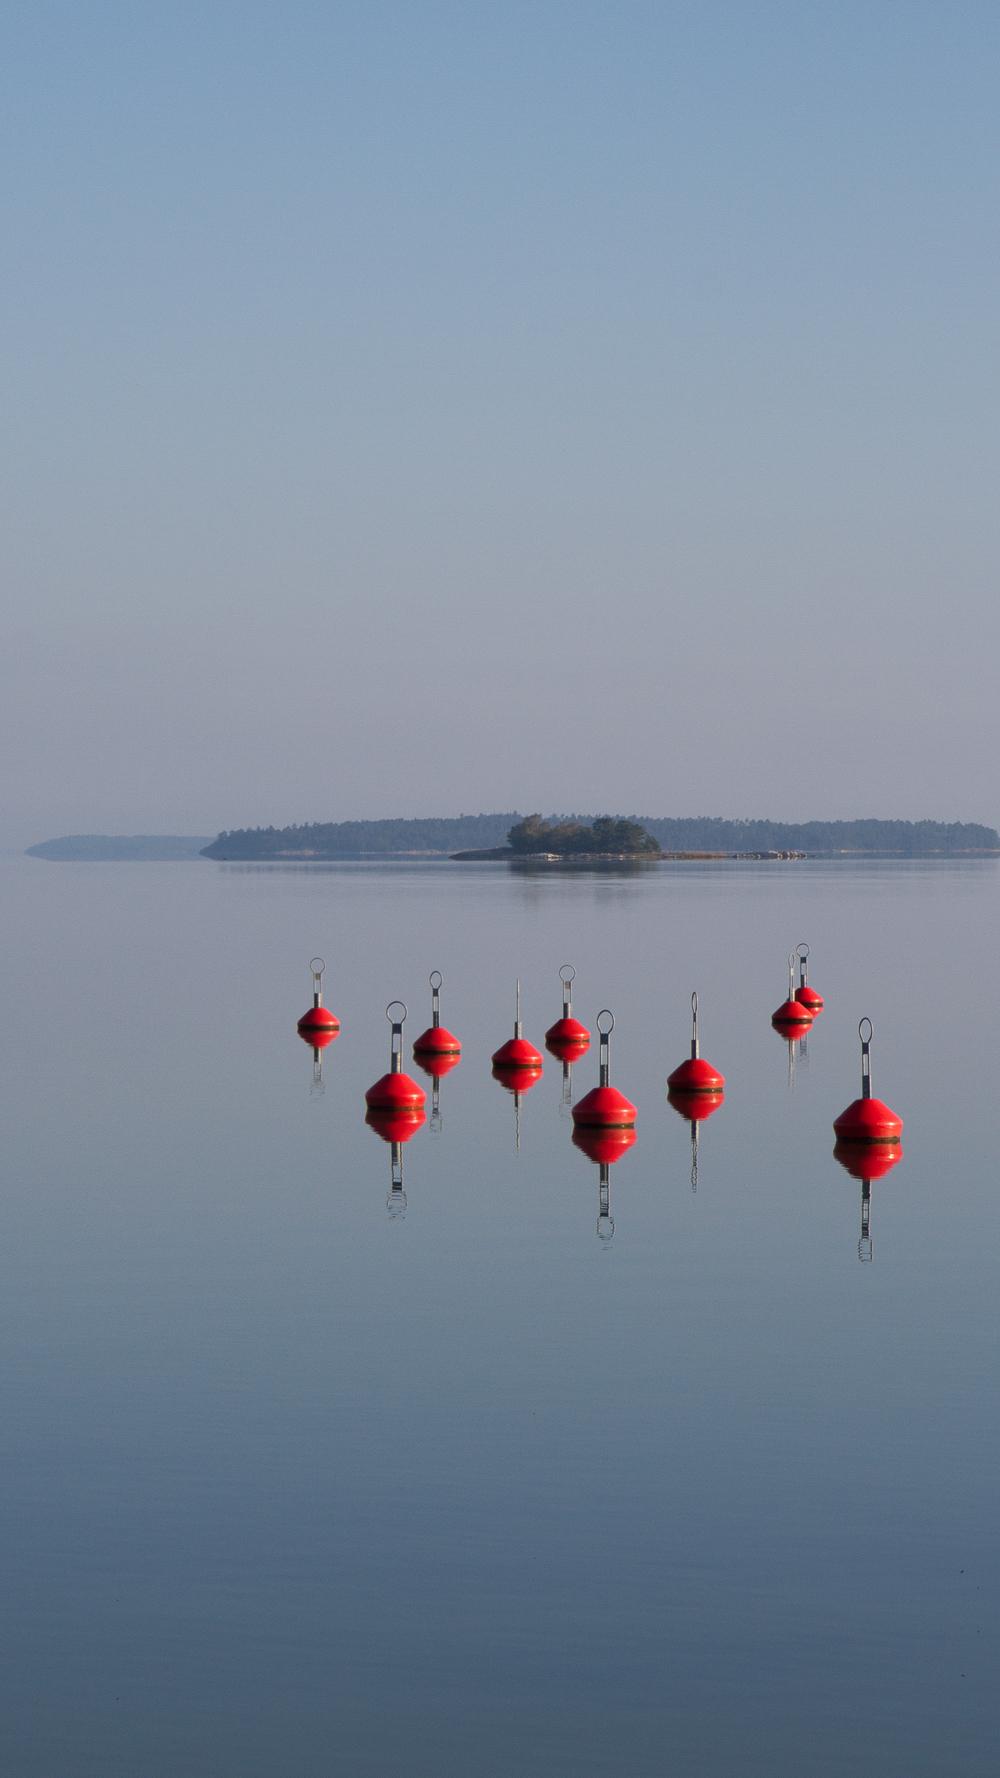 Suomalainen kuvapankki - ilmakuvaus ja valokuvauspalvelut